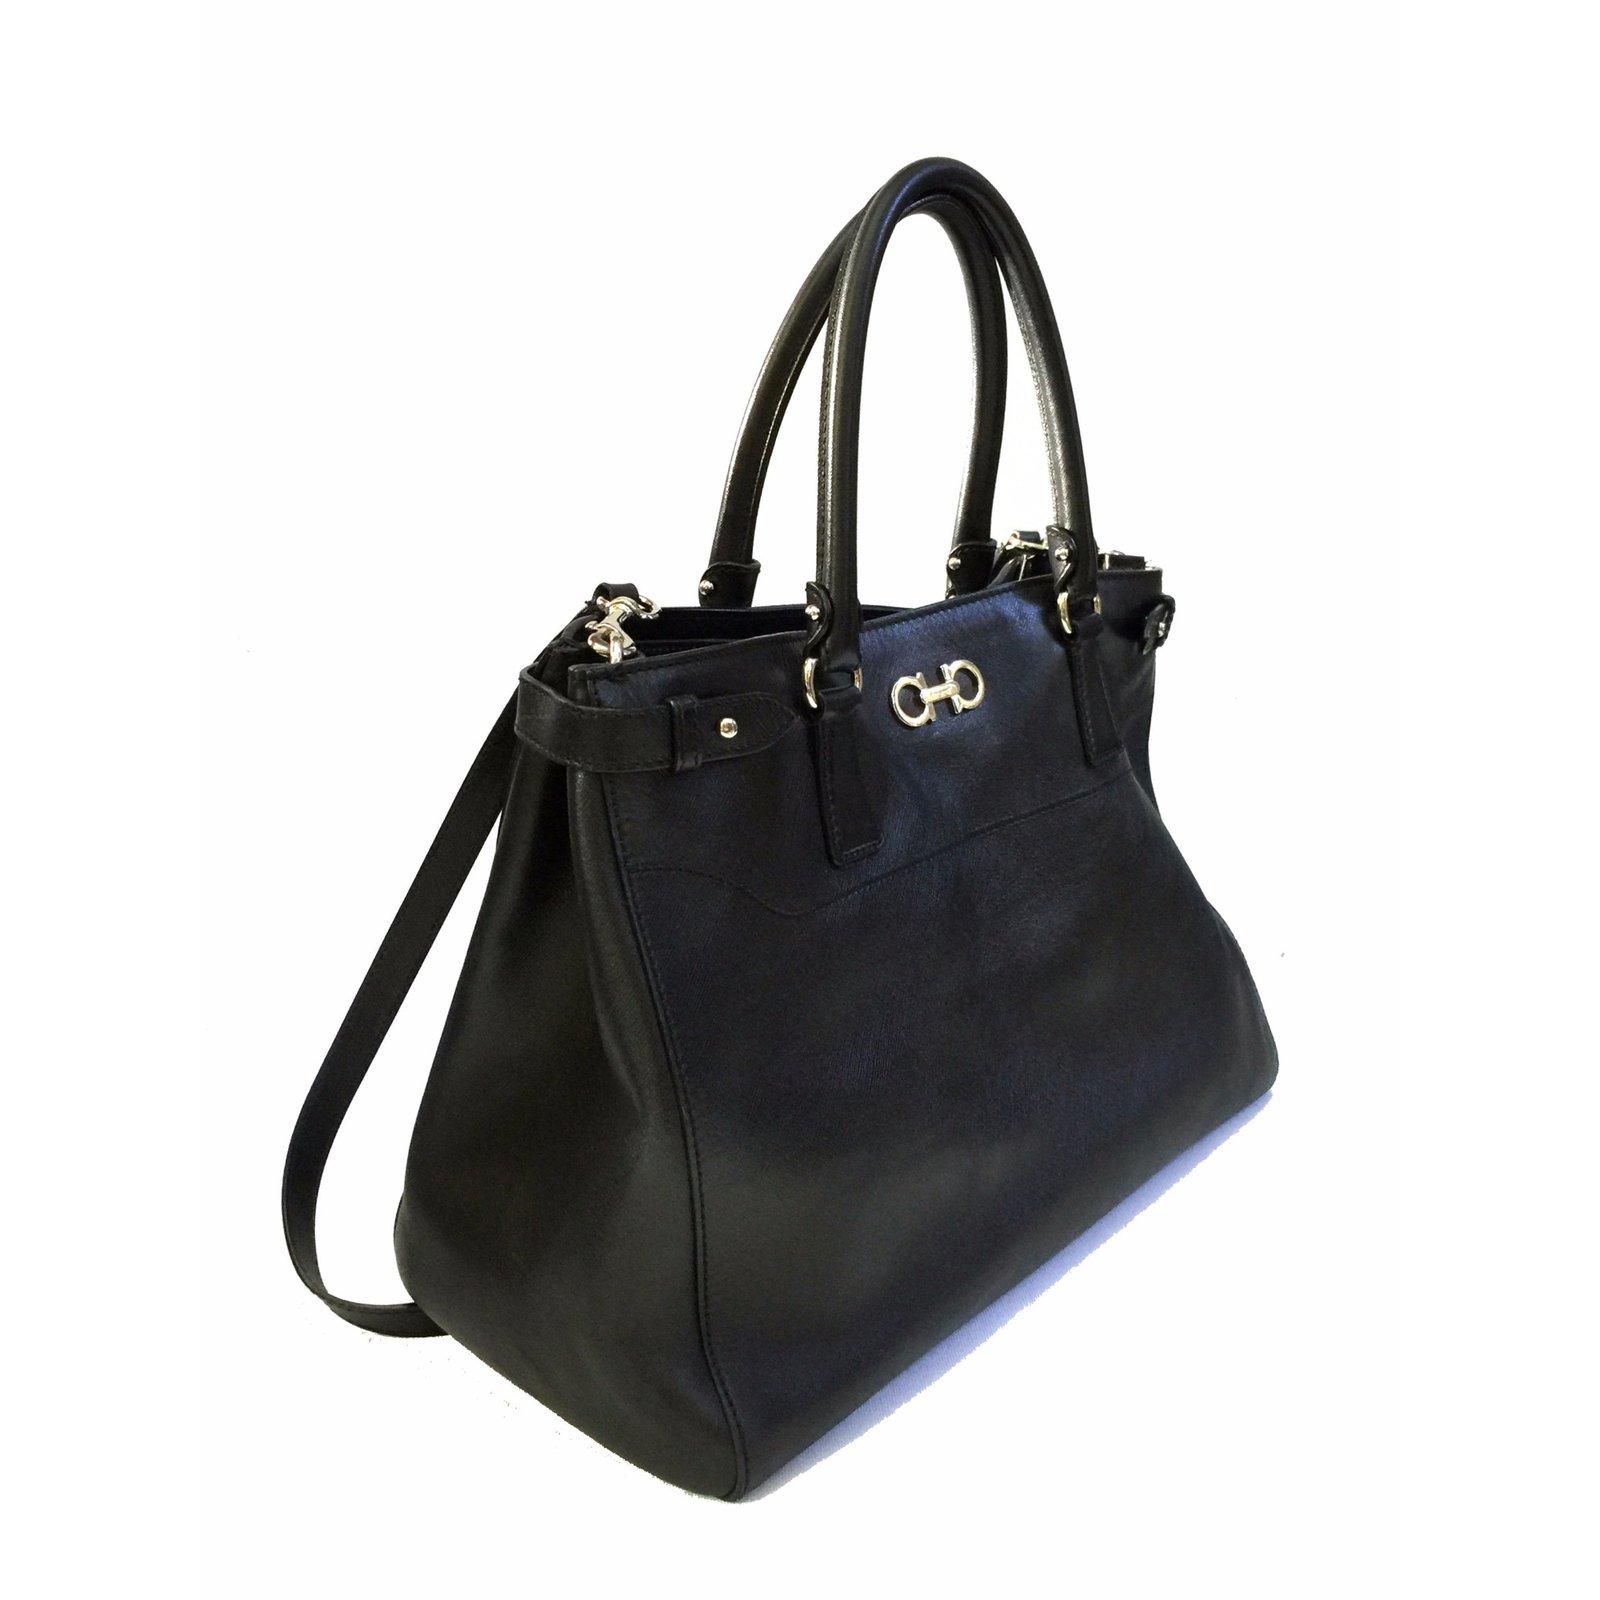 cdd996684 Salvatore Ferragamo Batik Saffiano Tote (Large) Handbags Leather Black  ref.57152